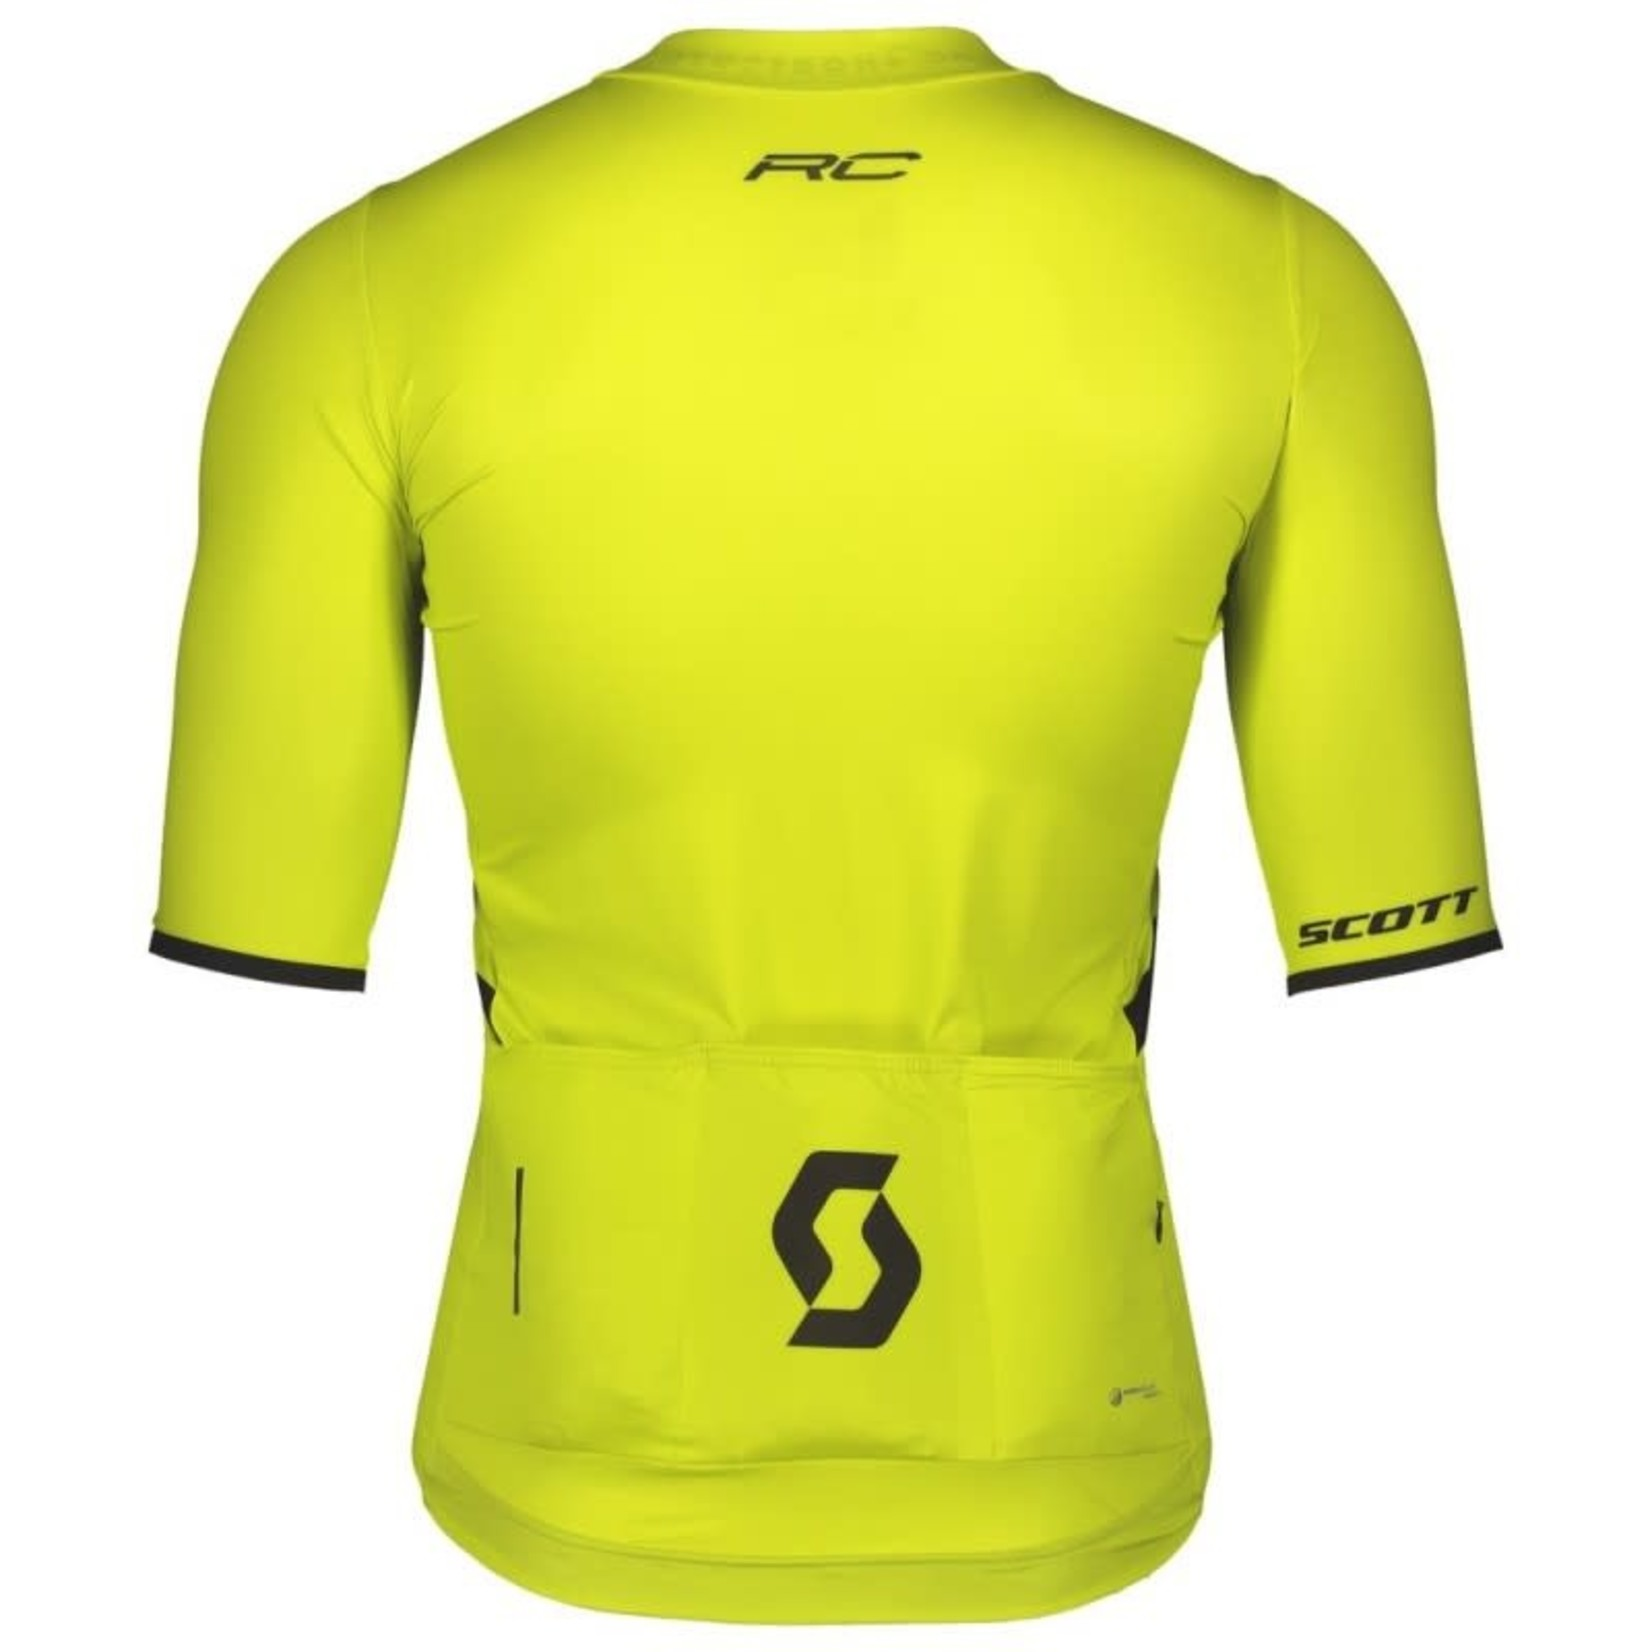 Scott Sports SCOTT RC PREMIUM S/SL MEN'S SHIRT yellow